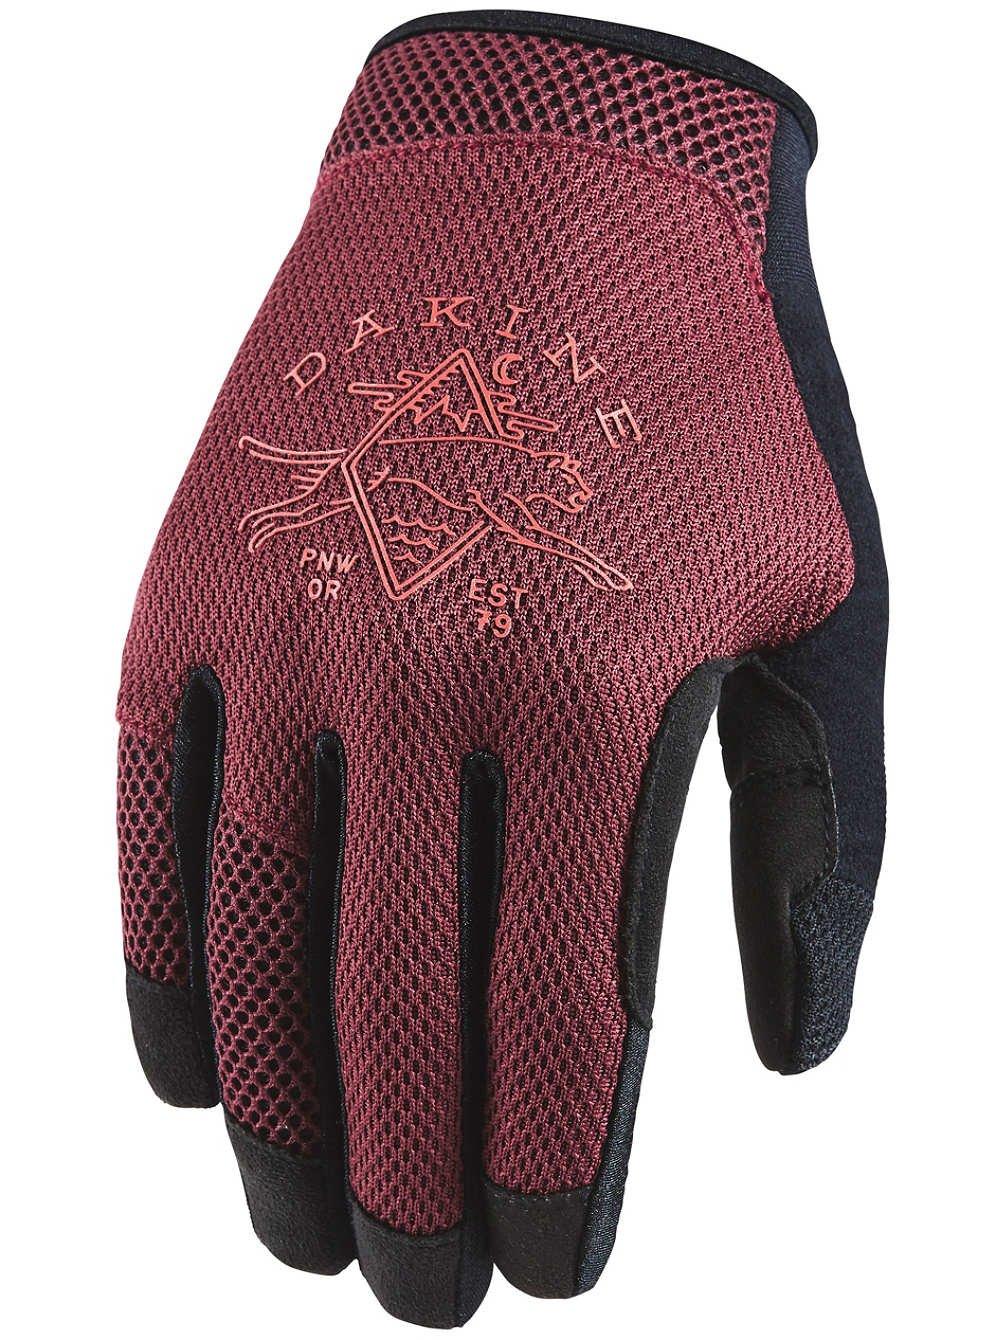 Dakine Mens Covert Bike Gloves